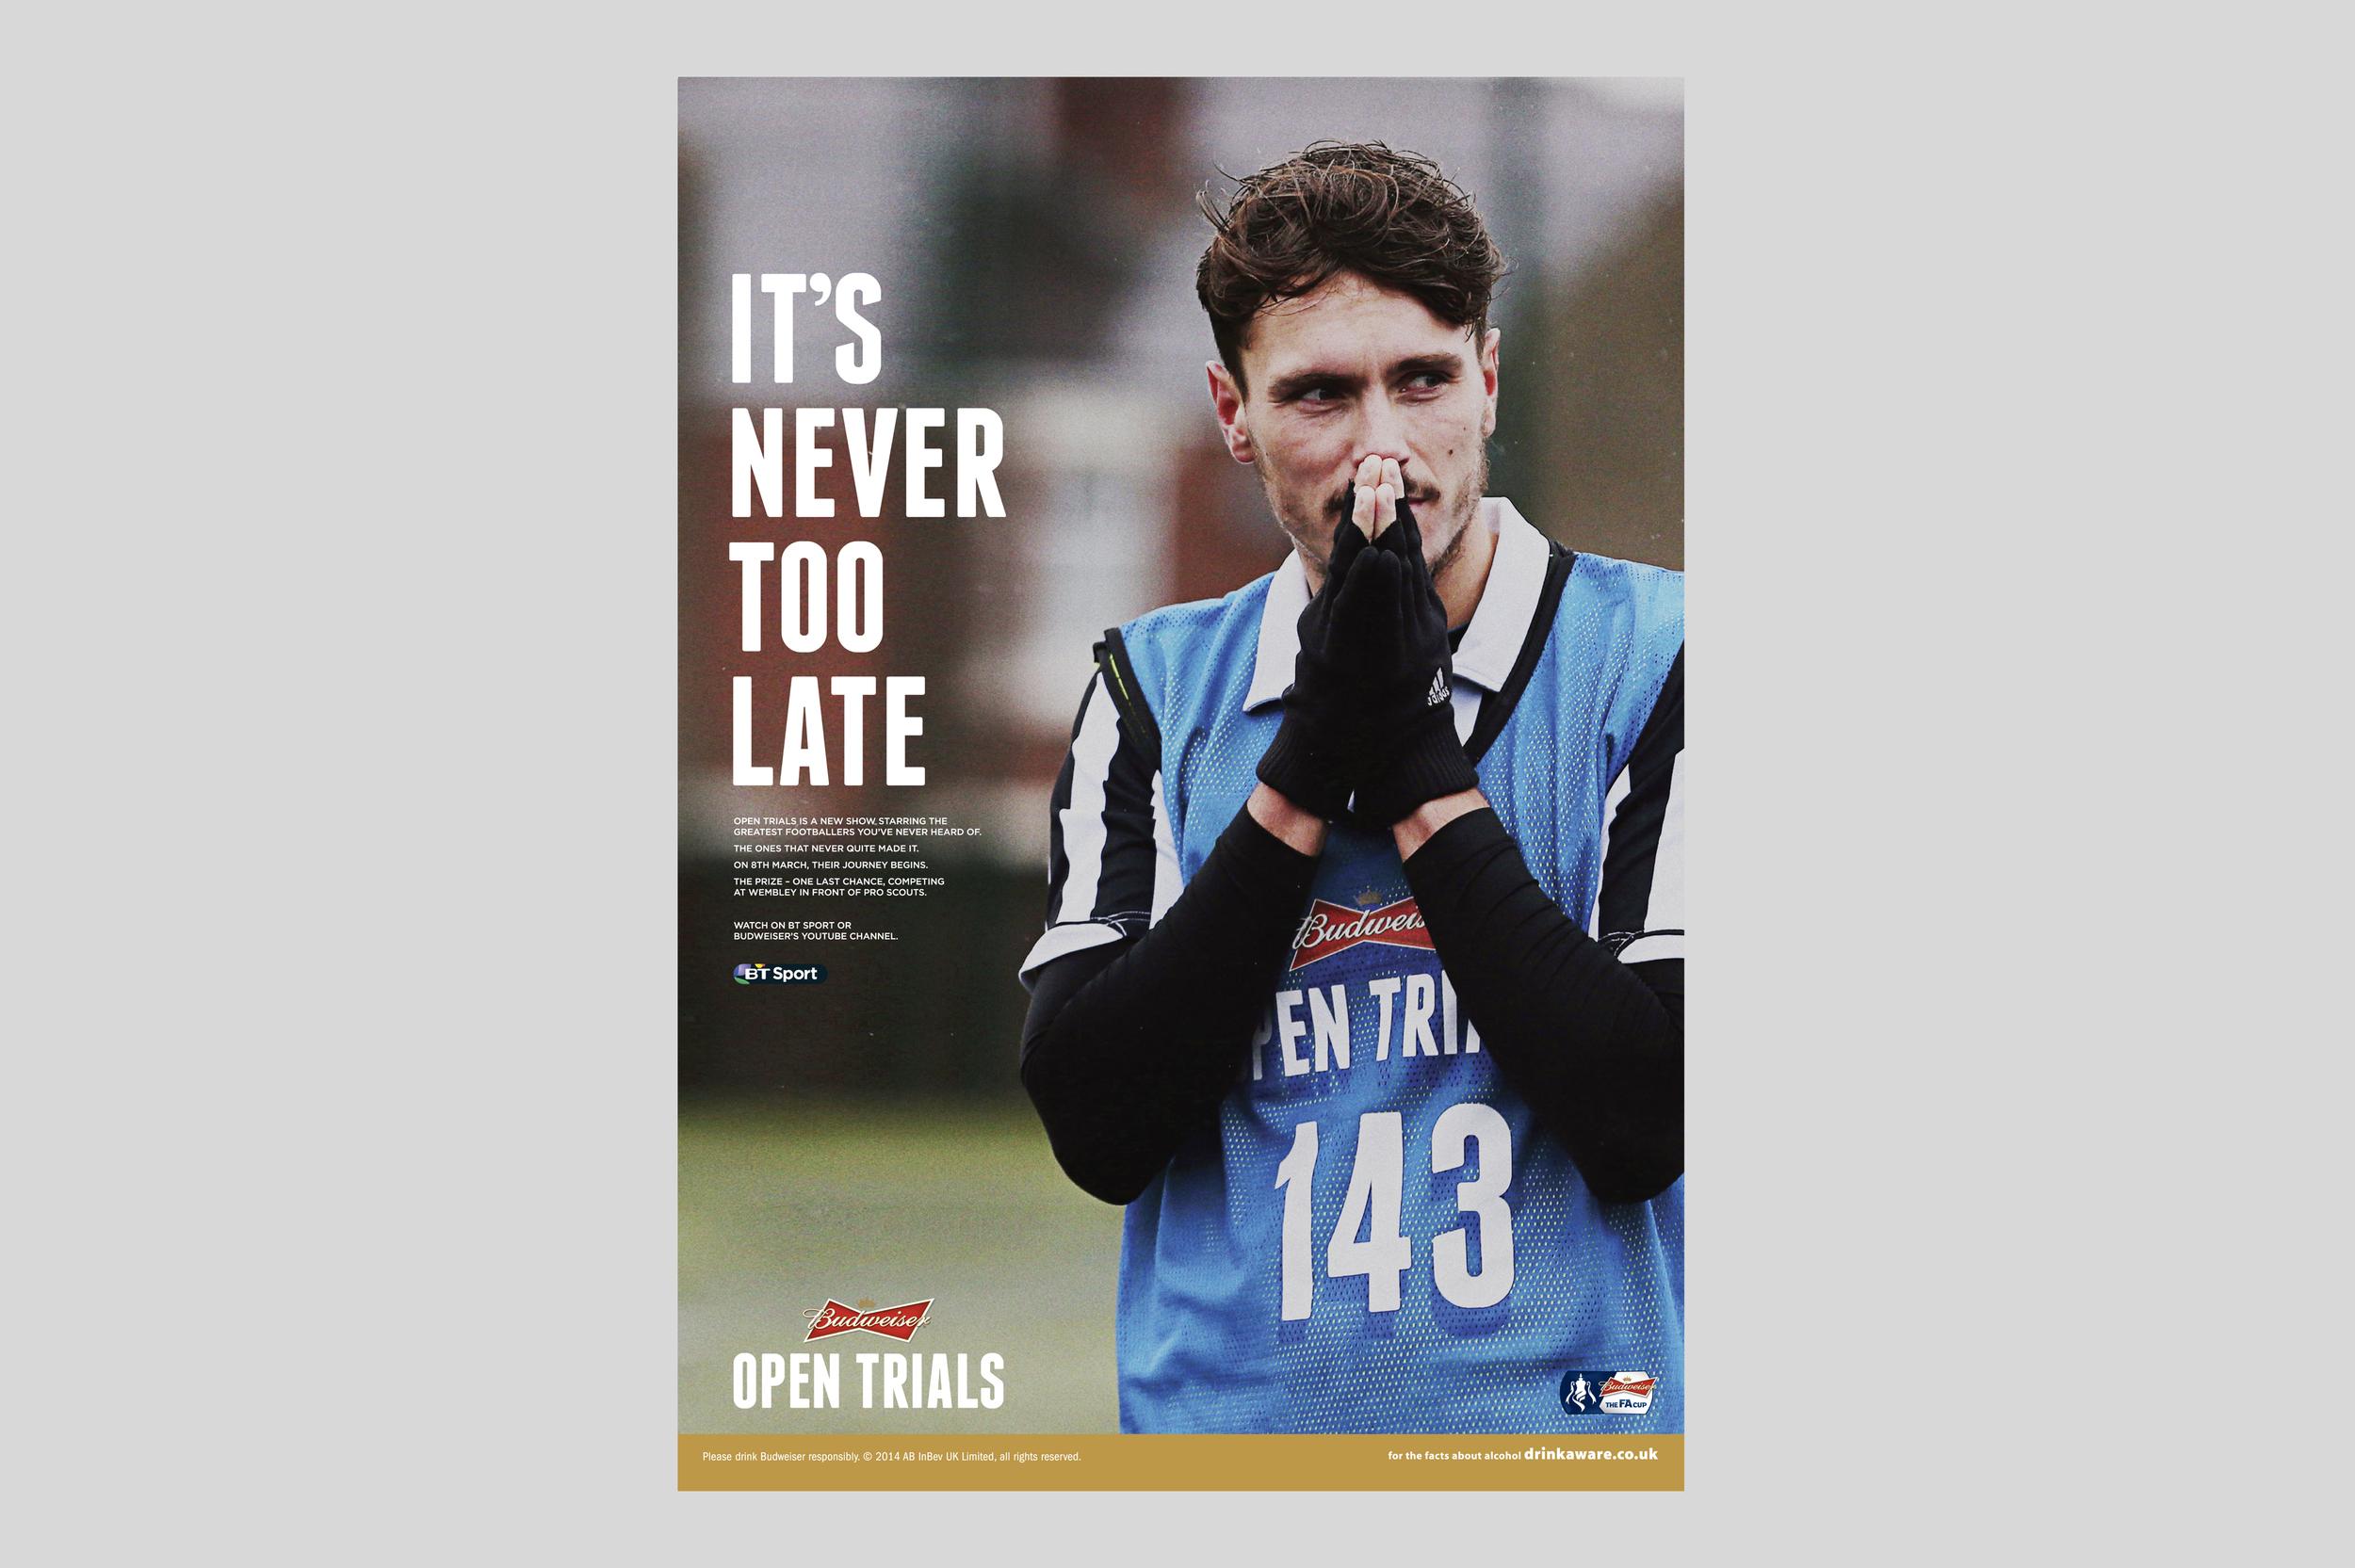 Budweiser Open Trials Print